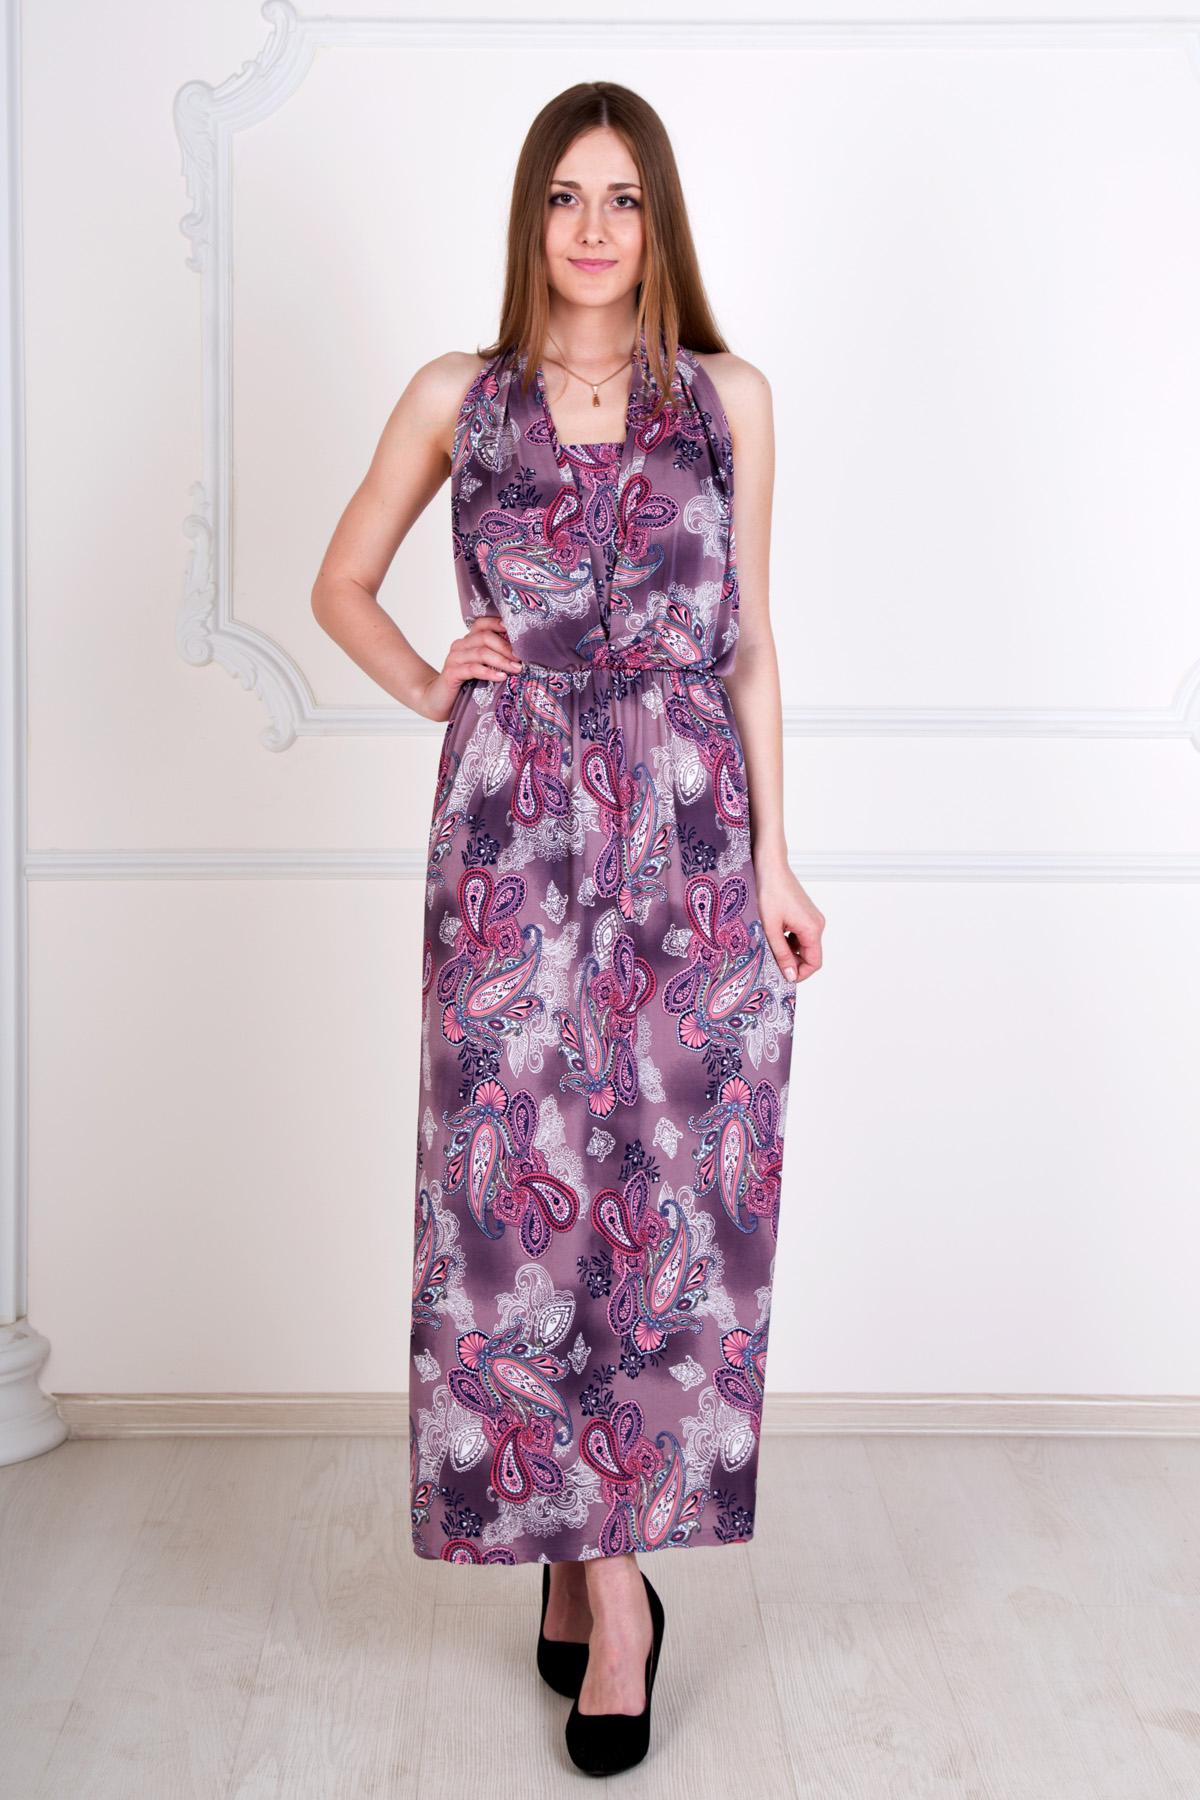 Жен. платье Рандеву р. 46Платья<br>Обхват груди:92 см<br>Обхват талии:74 см<br>Обхват бедер:100 см<br>Длина по спинке:117 см<br>Рост:167 см<br><br>Тип: Жен. платье<br>Размер: 46<br>Материал: Масло